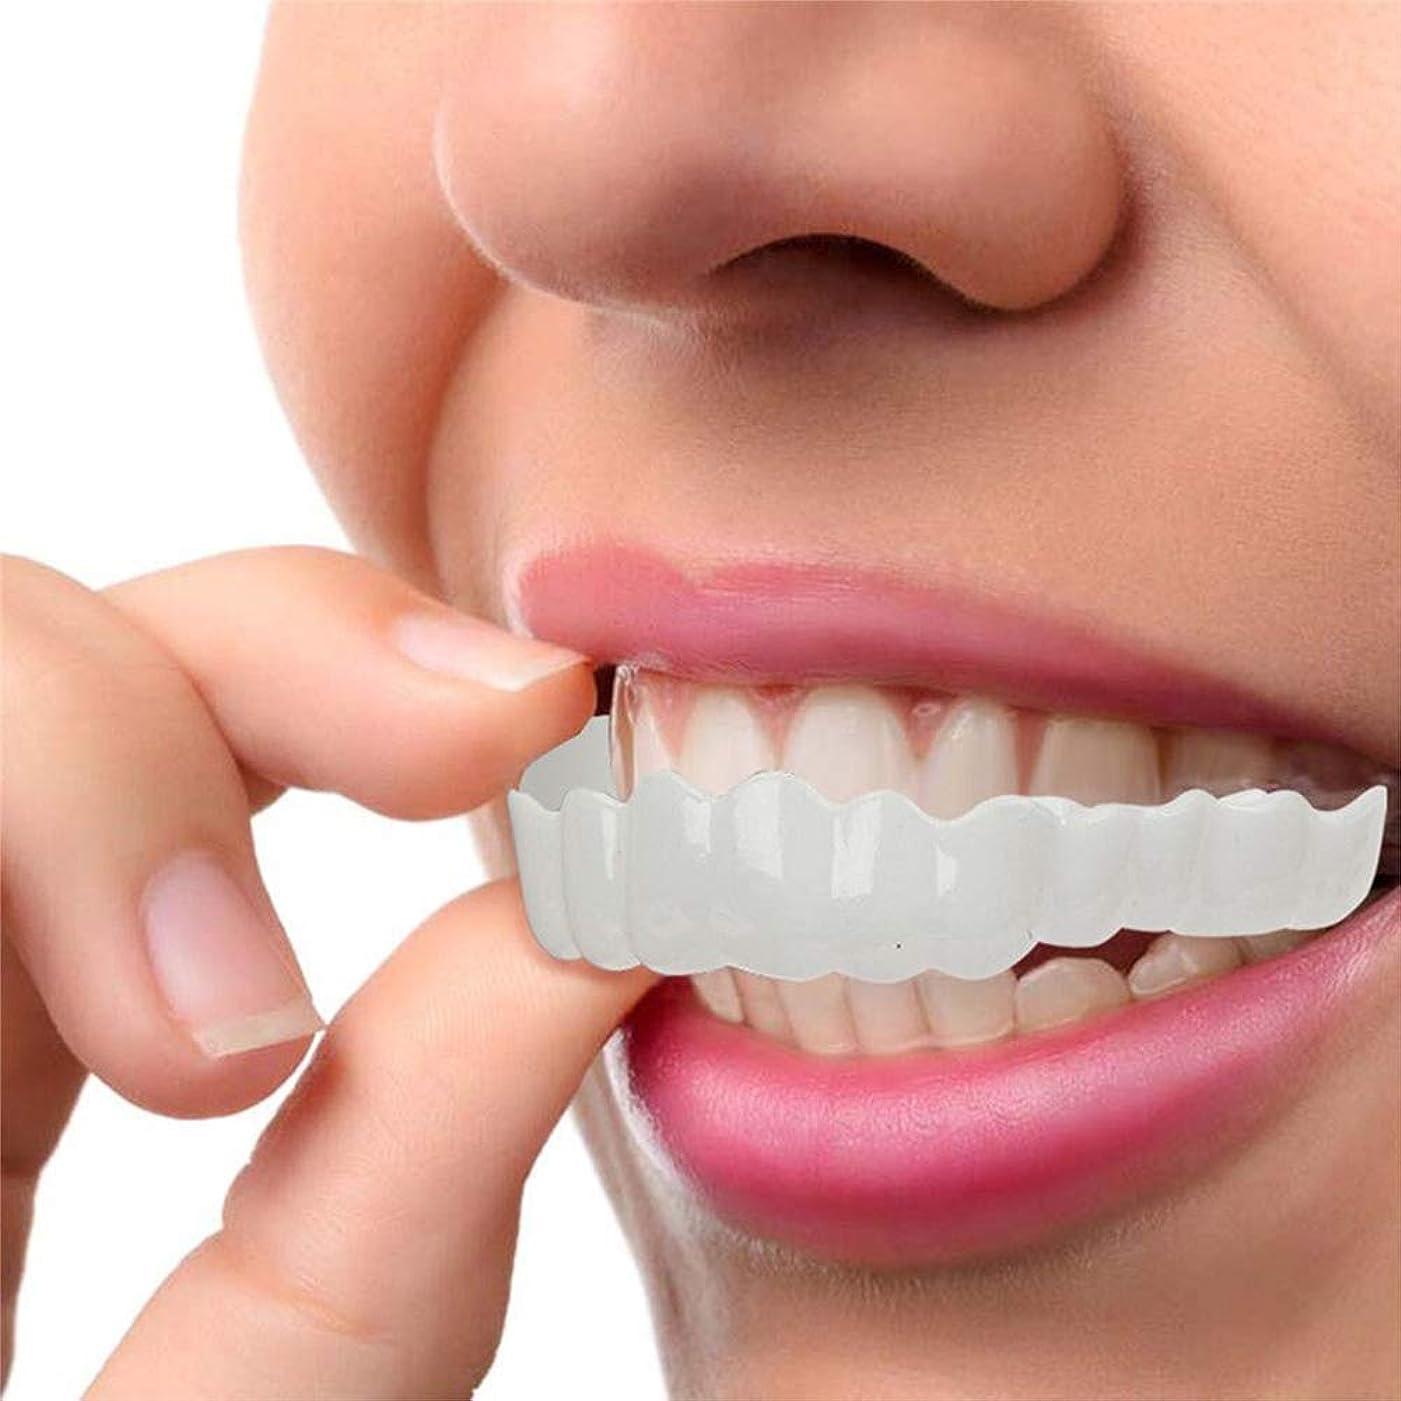 鍔無視できる山化粧品の歯、白い歯をきれいにするための快適なフィットフレックス歯ソケット、超快適、快適なフィット感、5セット